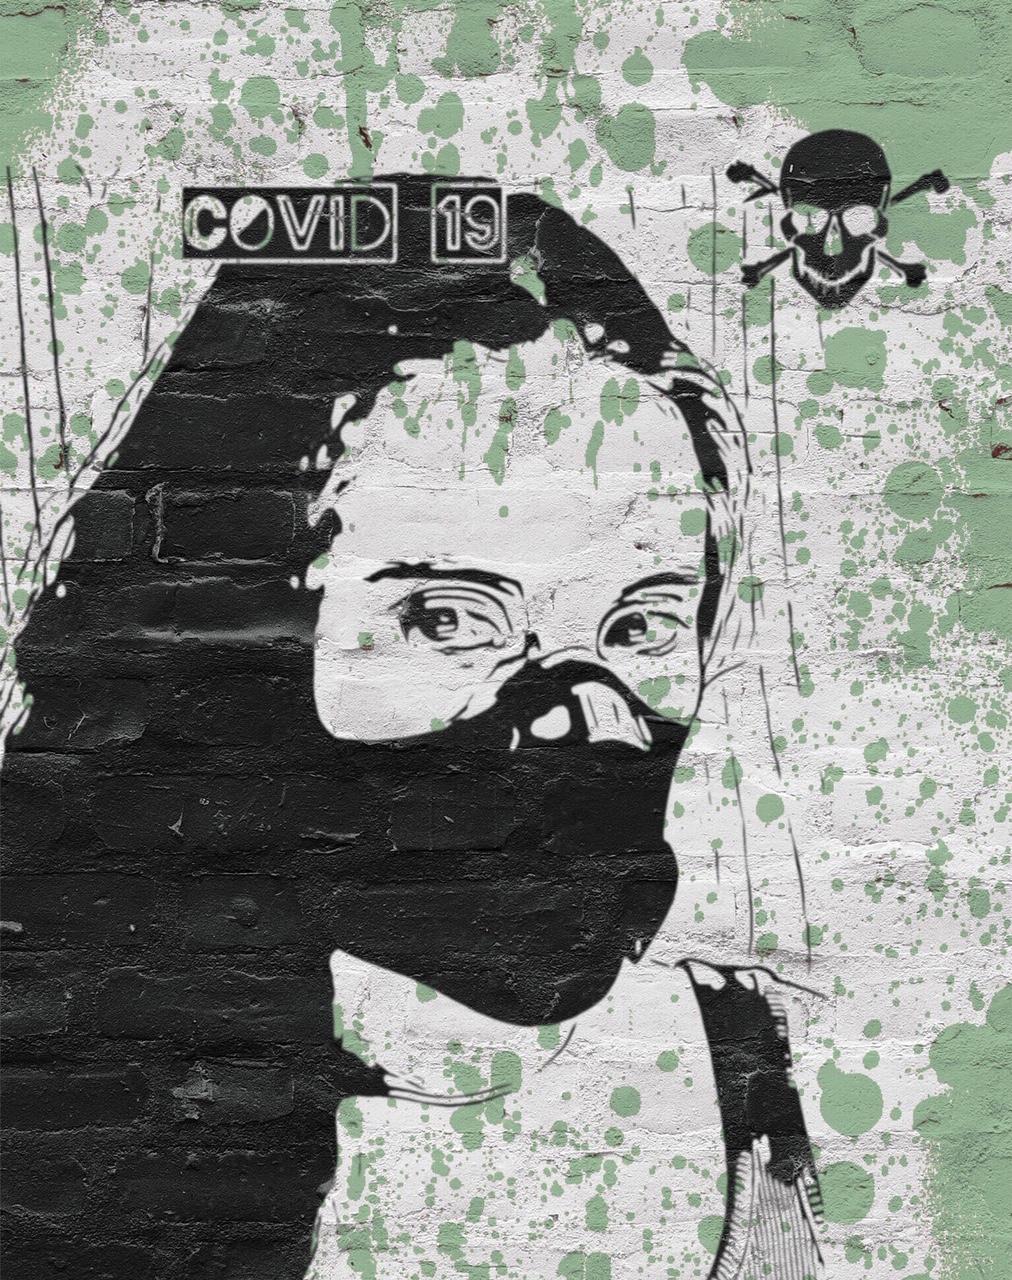 Covid19 . no 3 isolation art